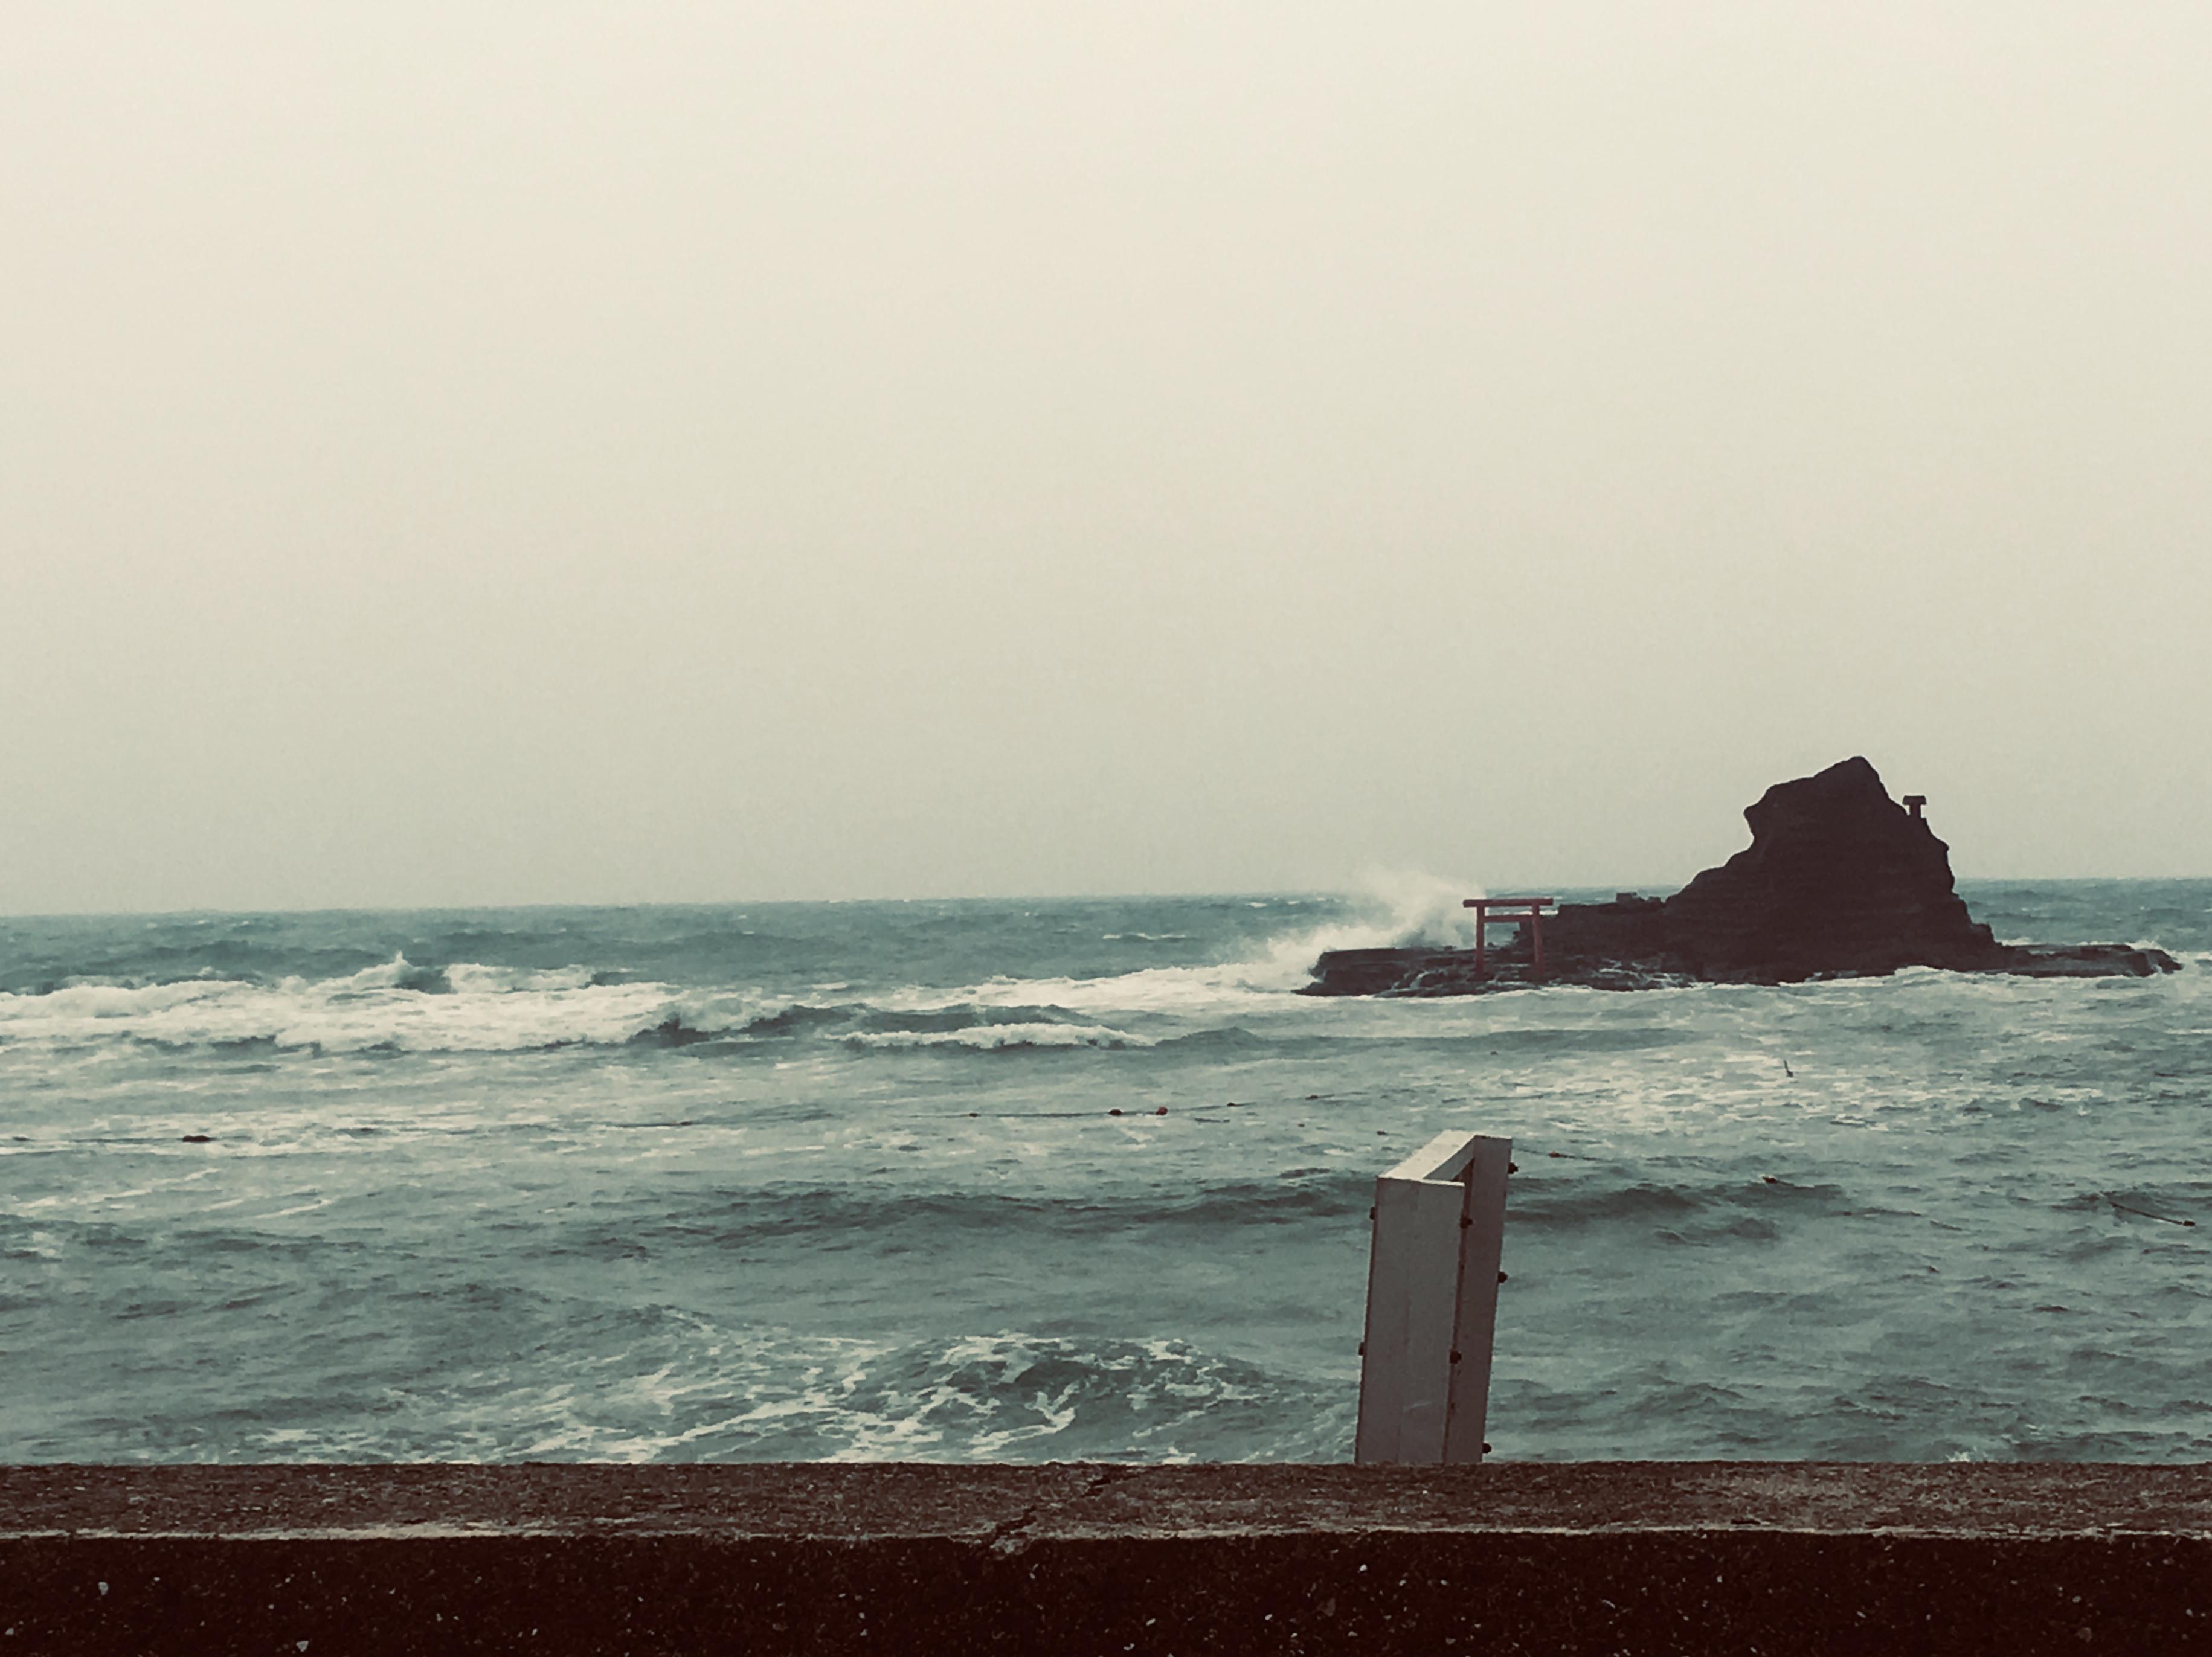 海に行って来ました!が、、台風で大荒れ 悲しき事態に💧